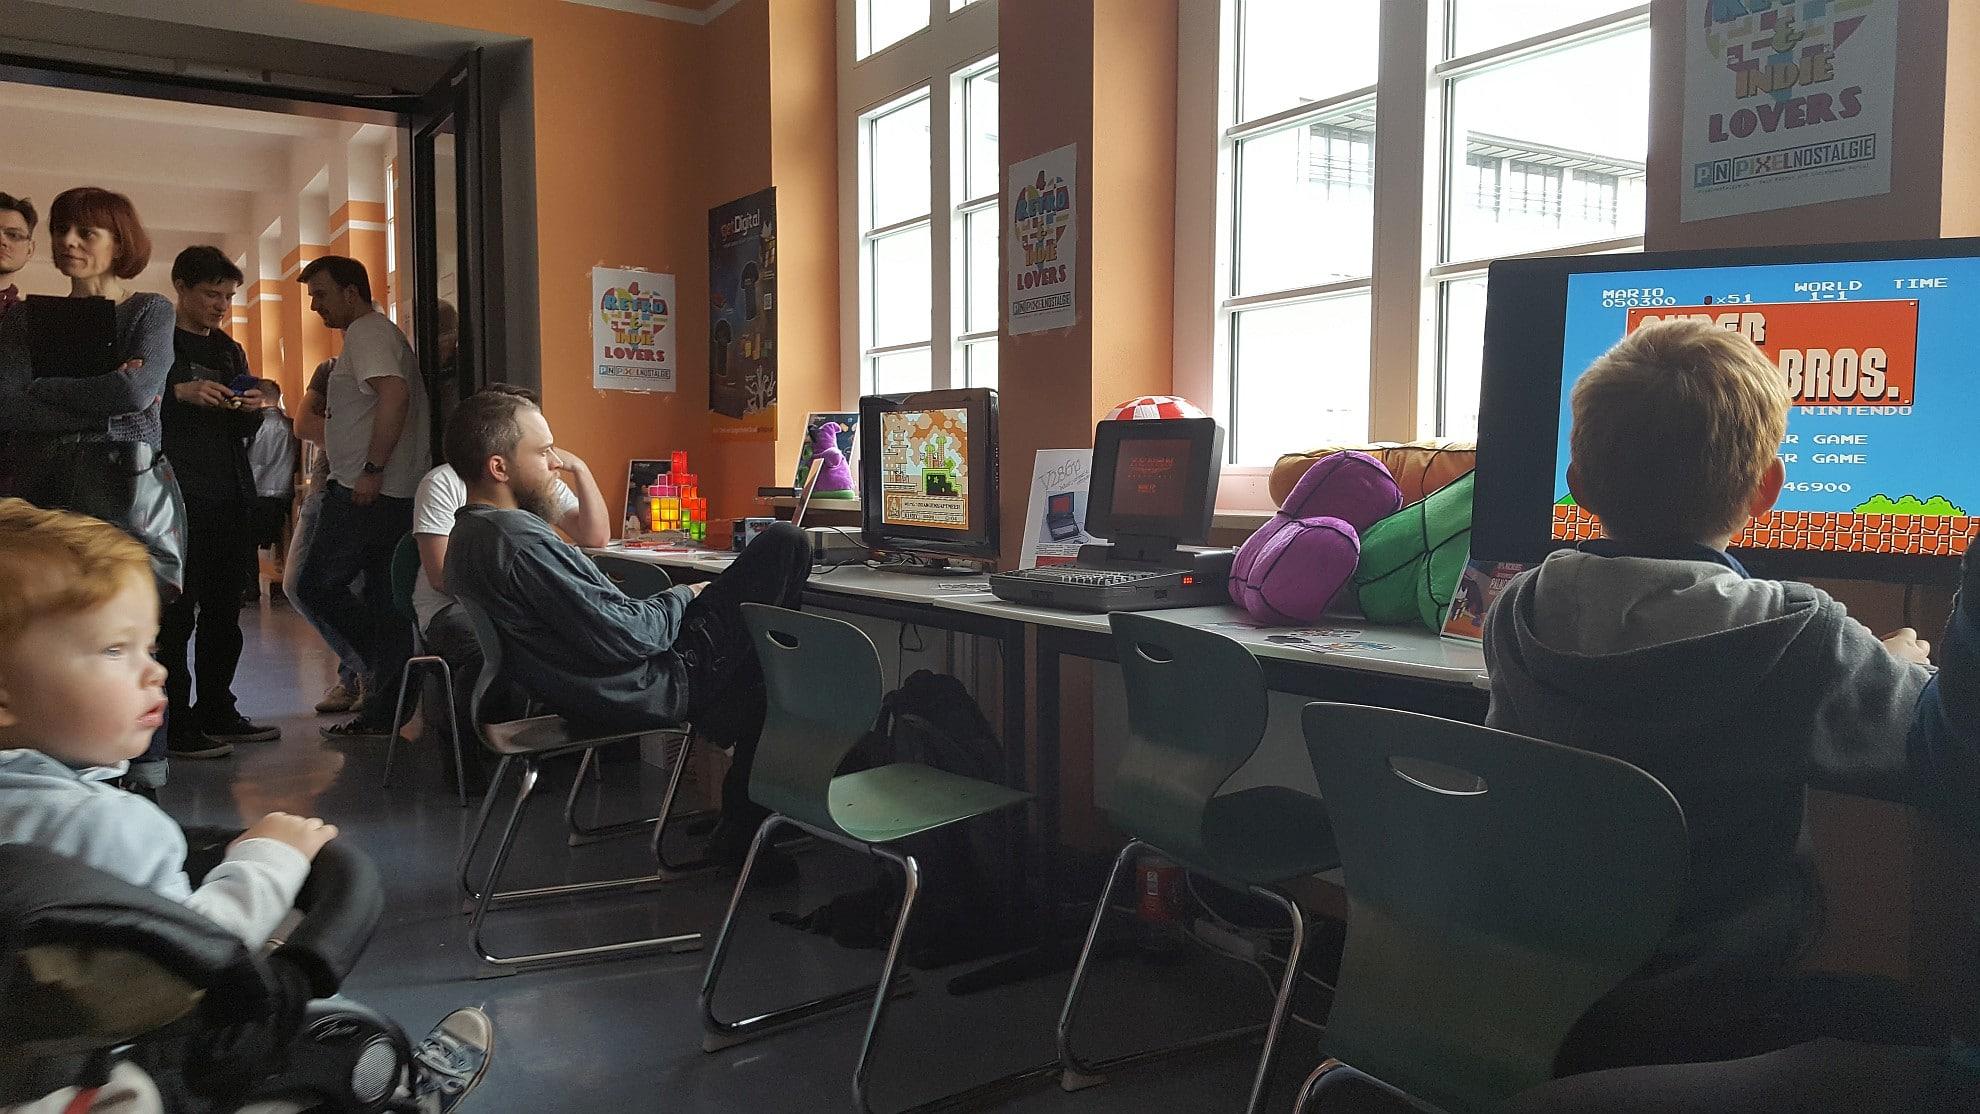 Jeder kam zum Spielen dran - es war nicht überfüllt. (Foto: GamingGadgets.de)